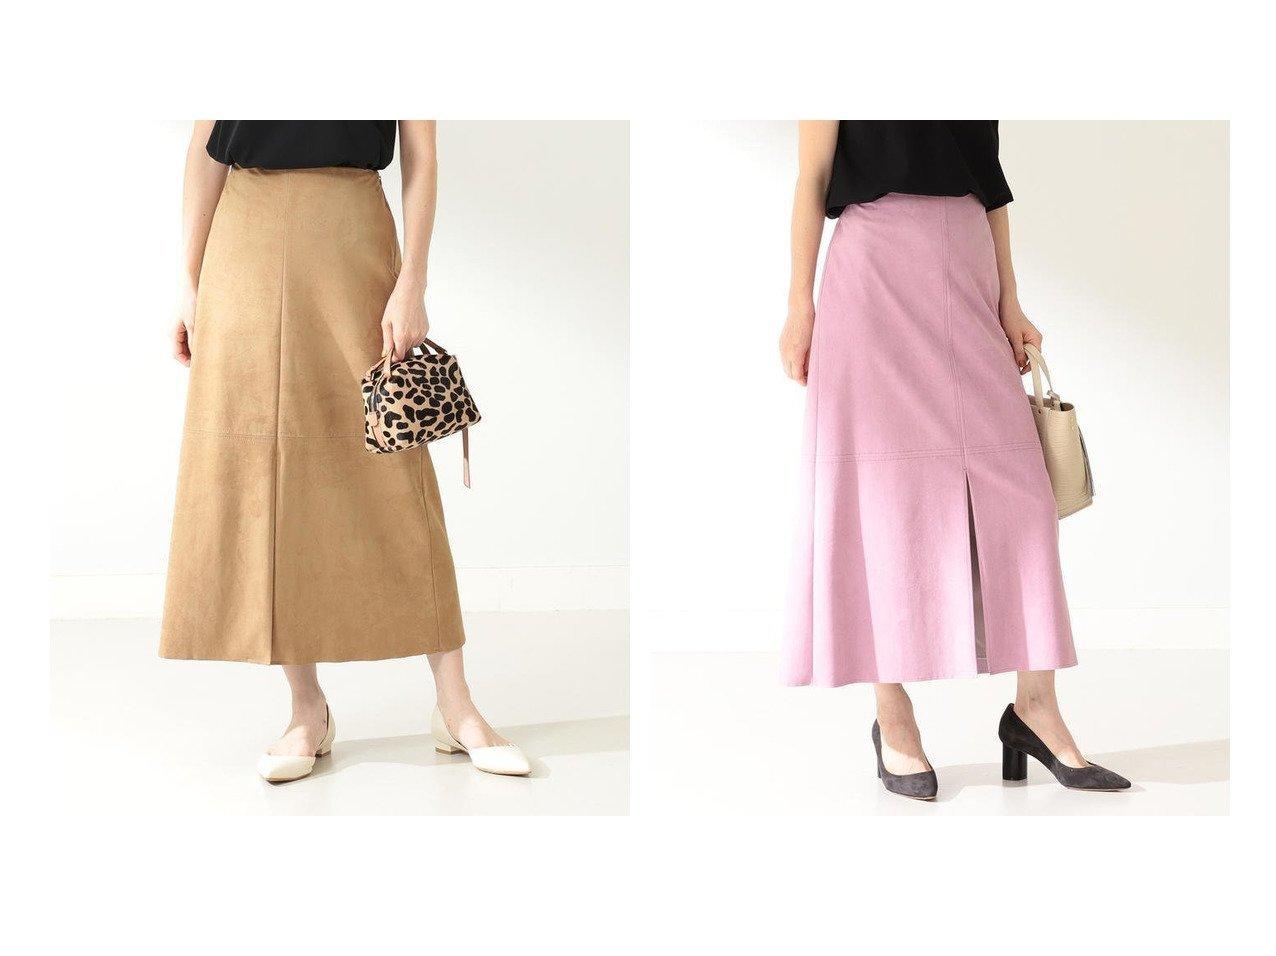 【Demi-Luxe BEAMS/デミルクス ビームス】のDemi- フェイクスエード ステッチ スカート スカートのおすすめ!人気、レディースファッションの通販 おすすめで人気のファッション通販商品 インテリア・家具・キッズファッション・メンズファッション・レディースファッション・服の通販 founy(ファニー) https://founy.com/ 雑誌掲載アイテム Magazine items ファッション雑誌 Fashion magazines バイラ BAILA ファッション Fashion レディース WOMEN スカート Skirt Aライン/フレアスカート Flared A-Line Skirts スエード スリット フェイクスエード フロント リアル ロング ワーク 人気 雑誌  ID:crp329100000003163